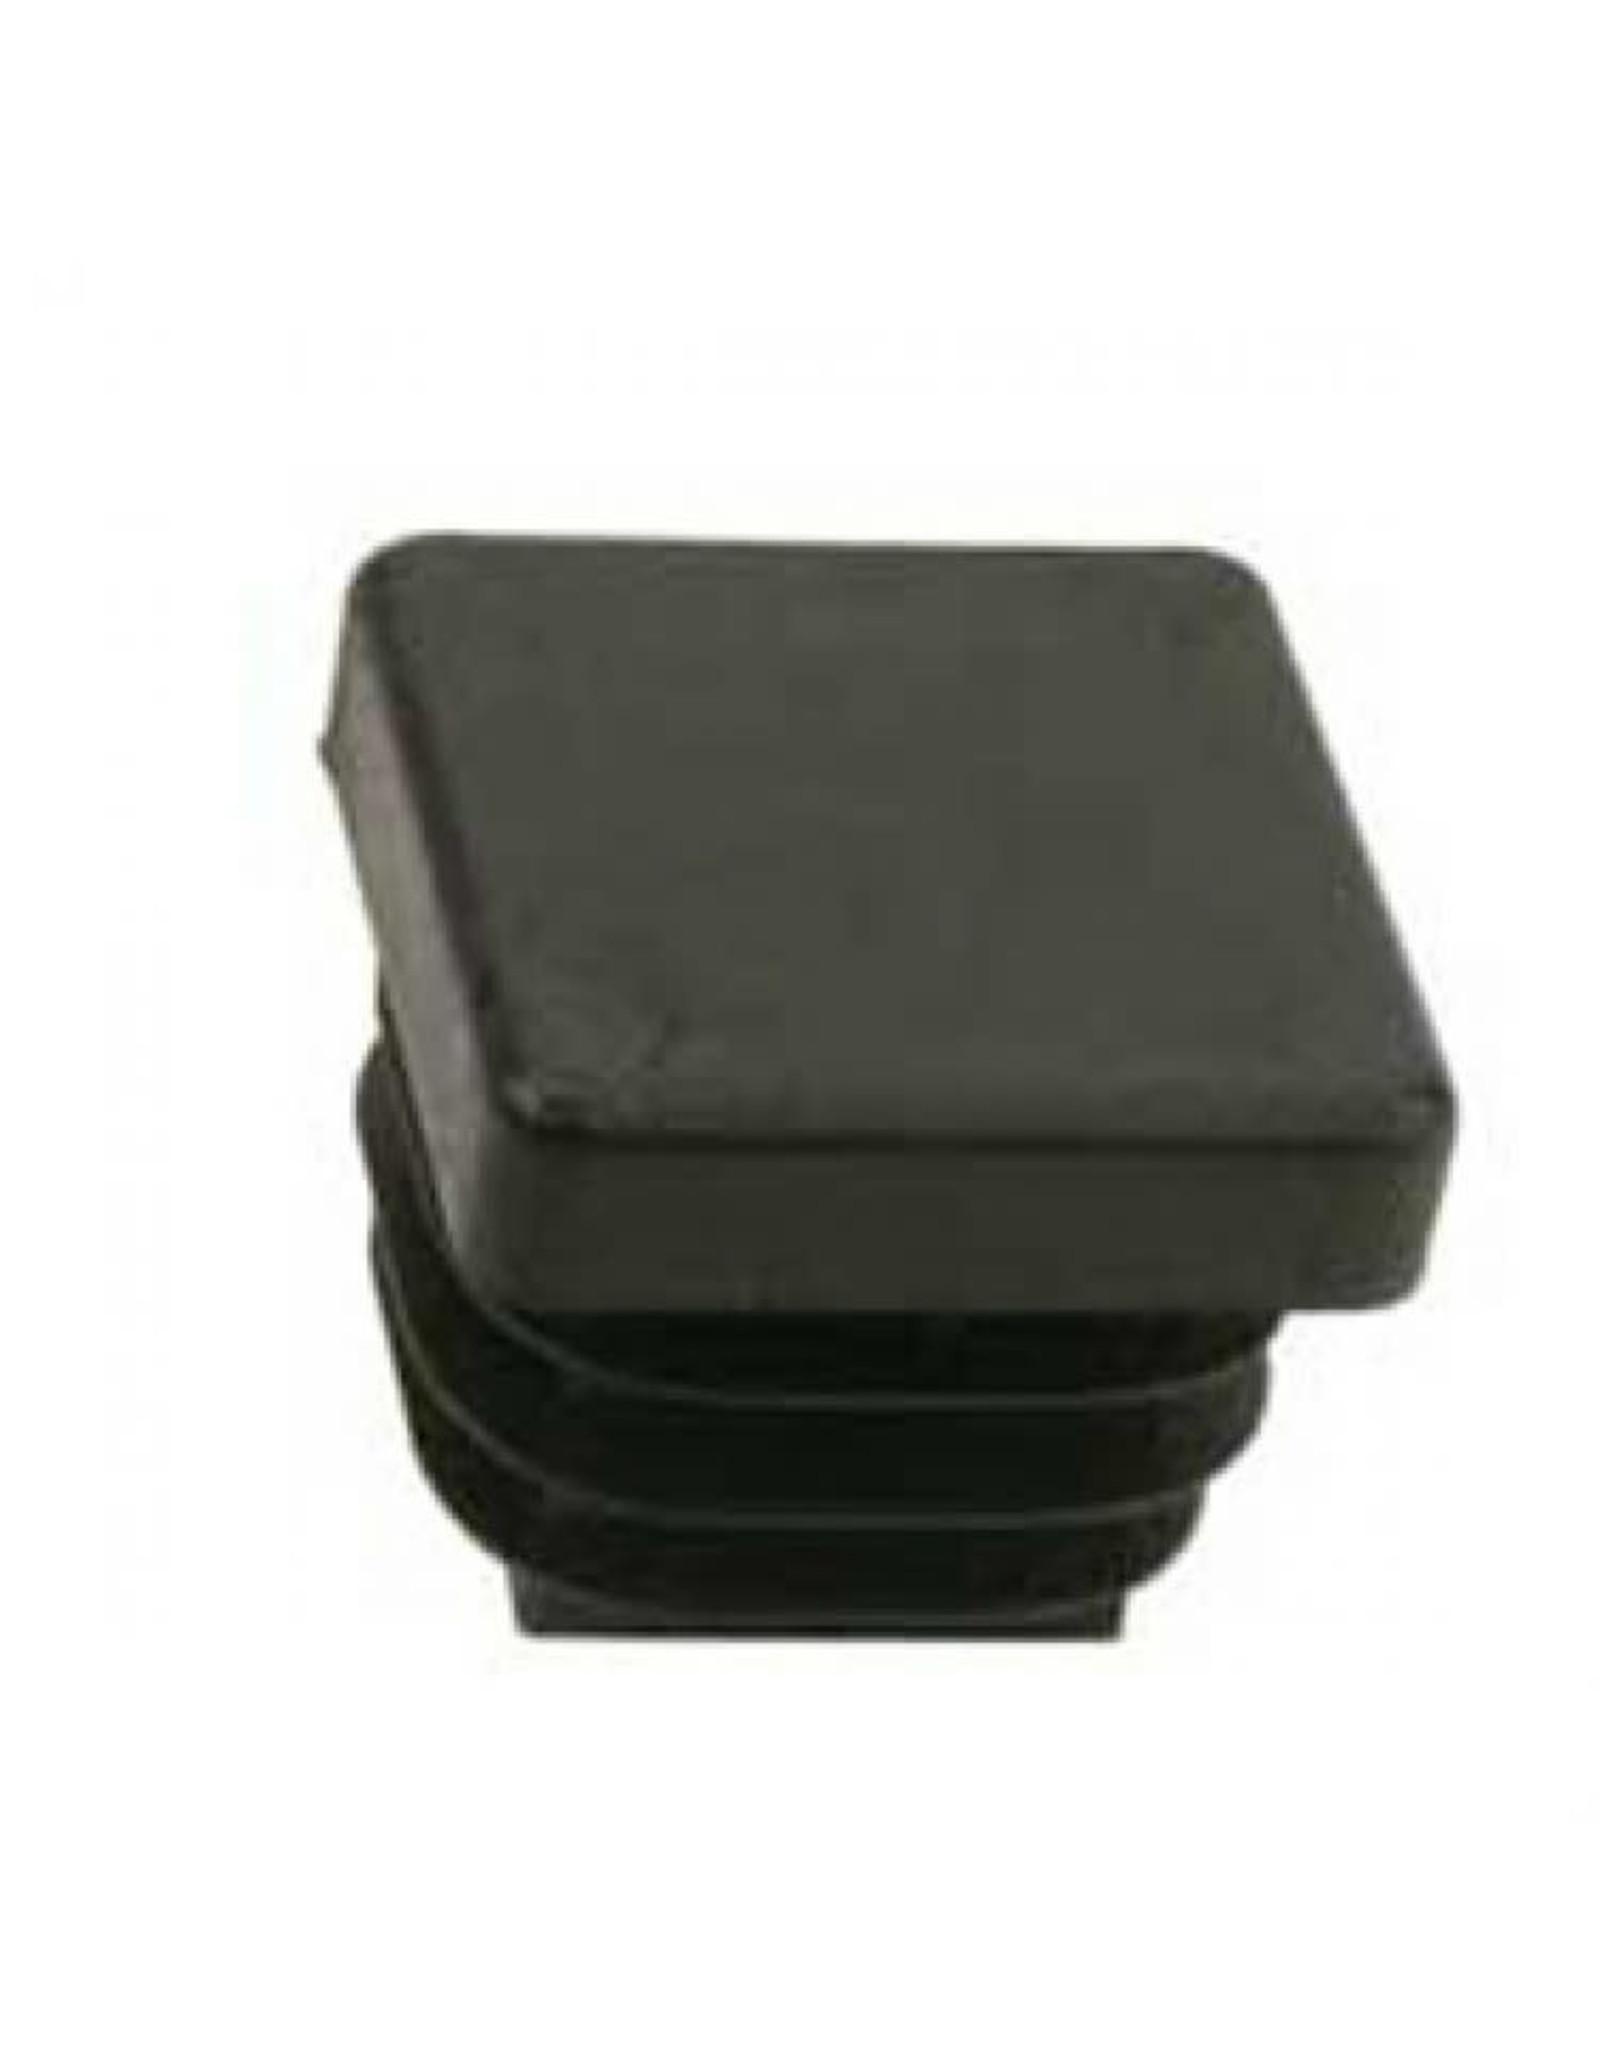 Buisstop vierkant, zwart kunststof 25 x 25 mm lamelstop per 4 stuks